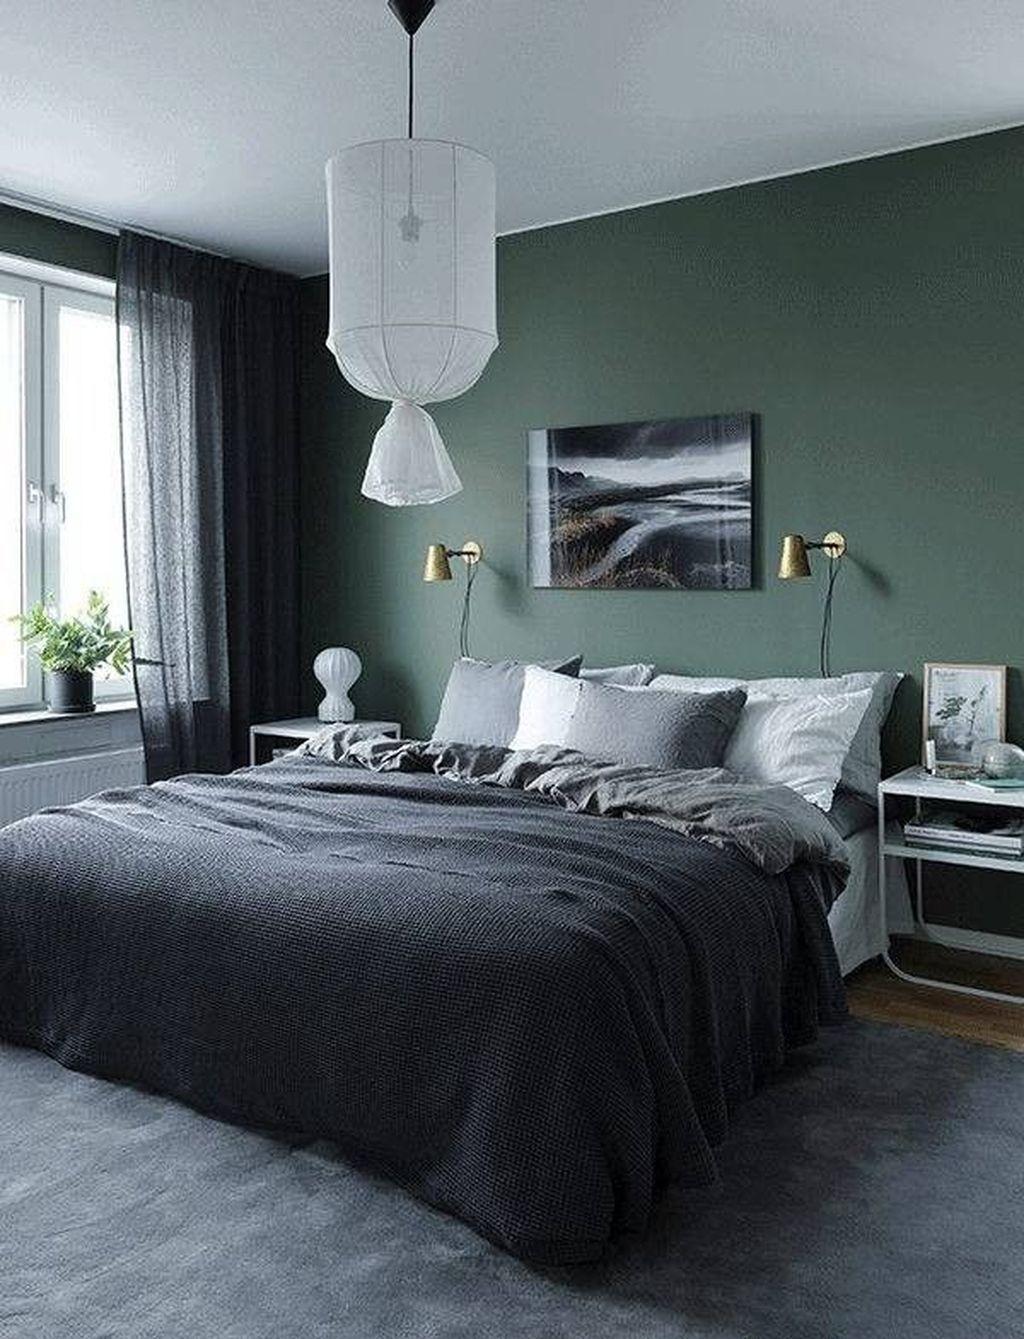 20 Modern Bedroom Decorating Ideas For Men Met Afbeeldingen Slaapkamerideeen Interieur Slaapkamer Slaapkamer